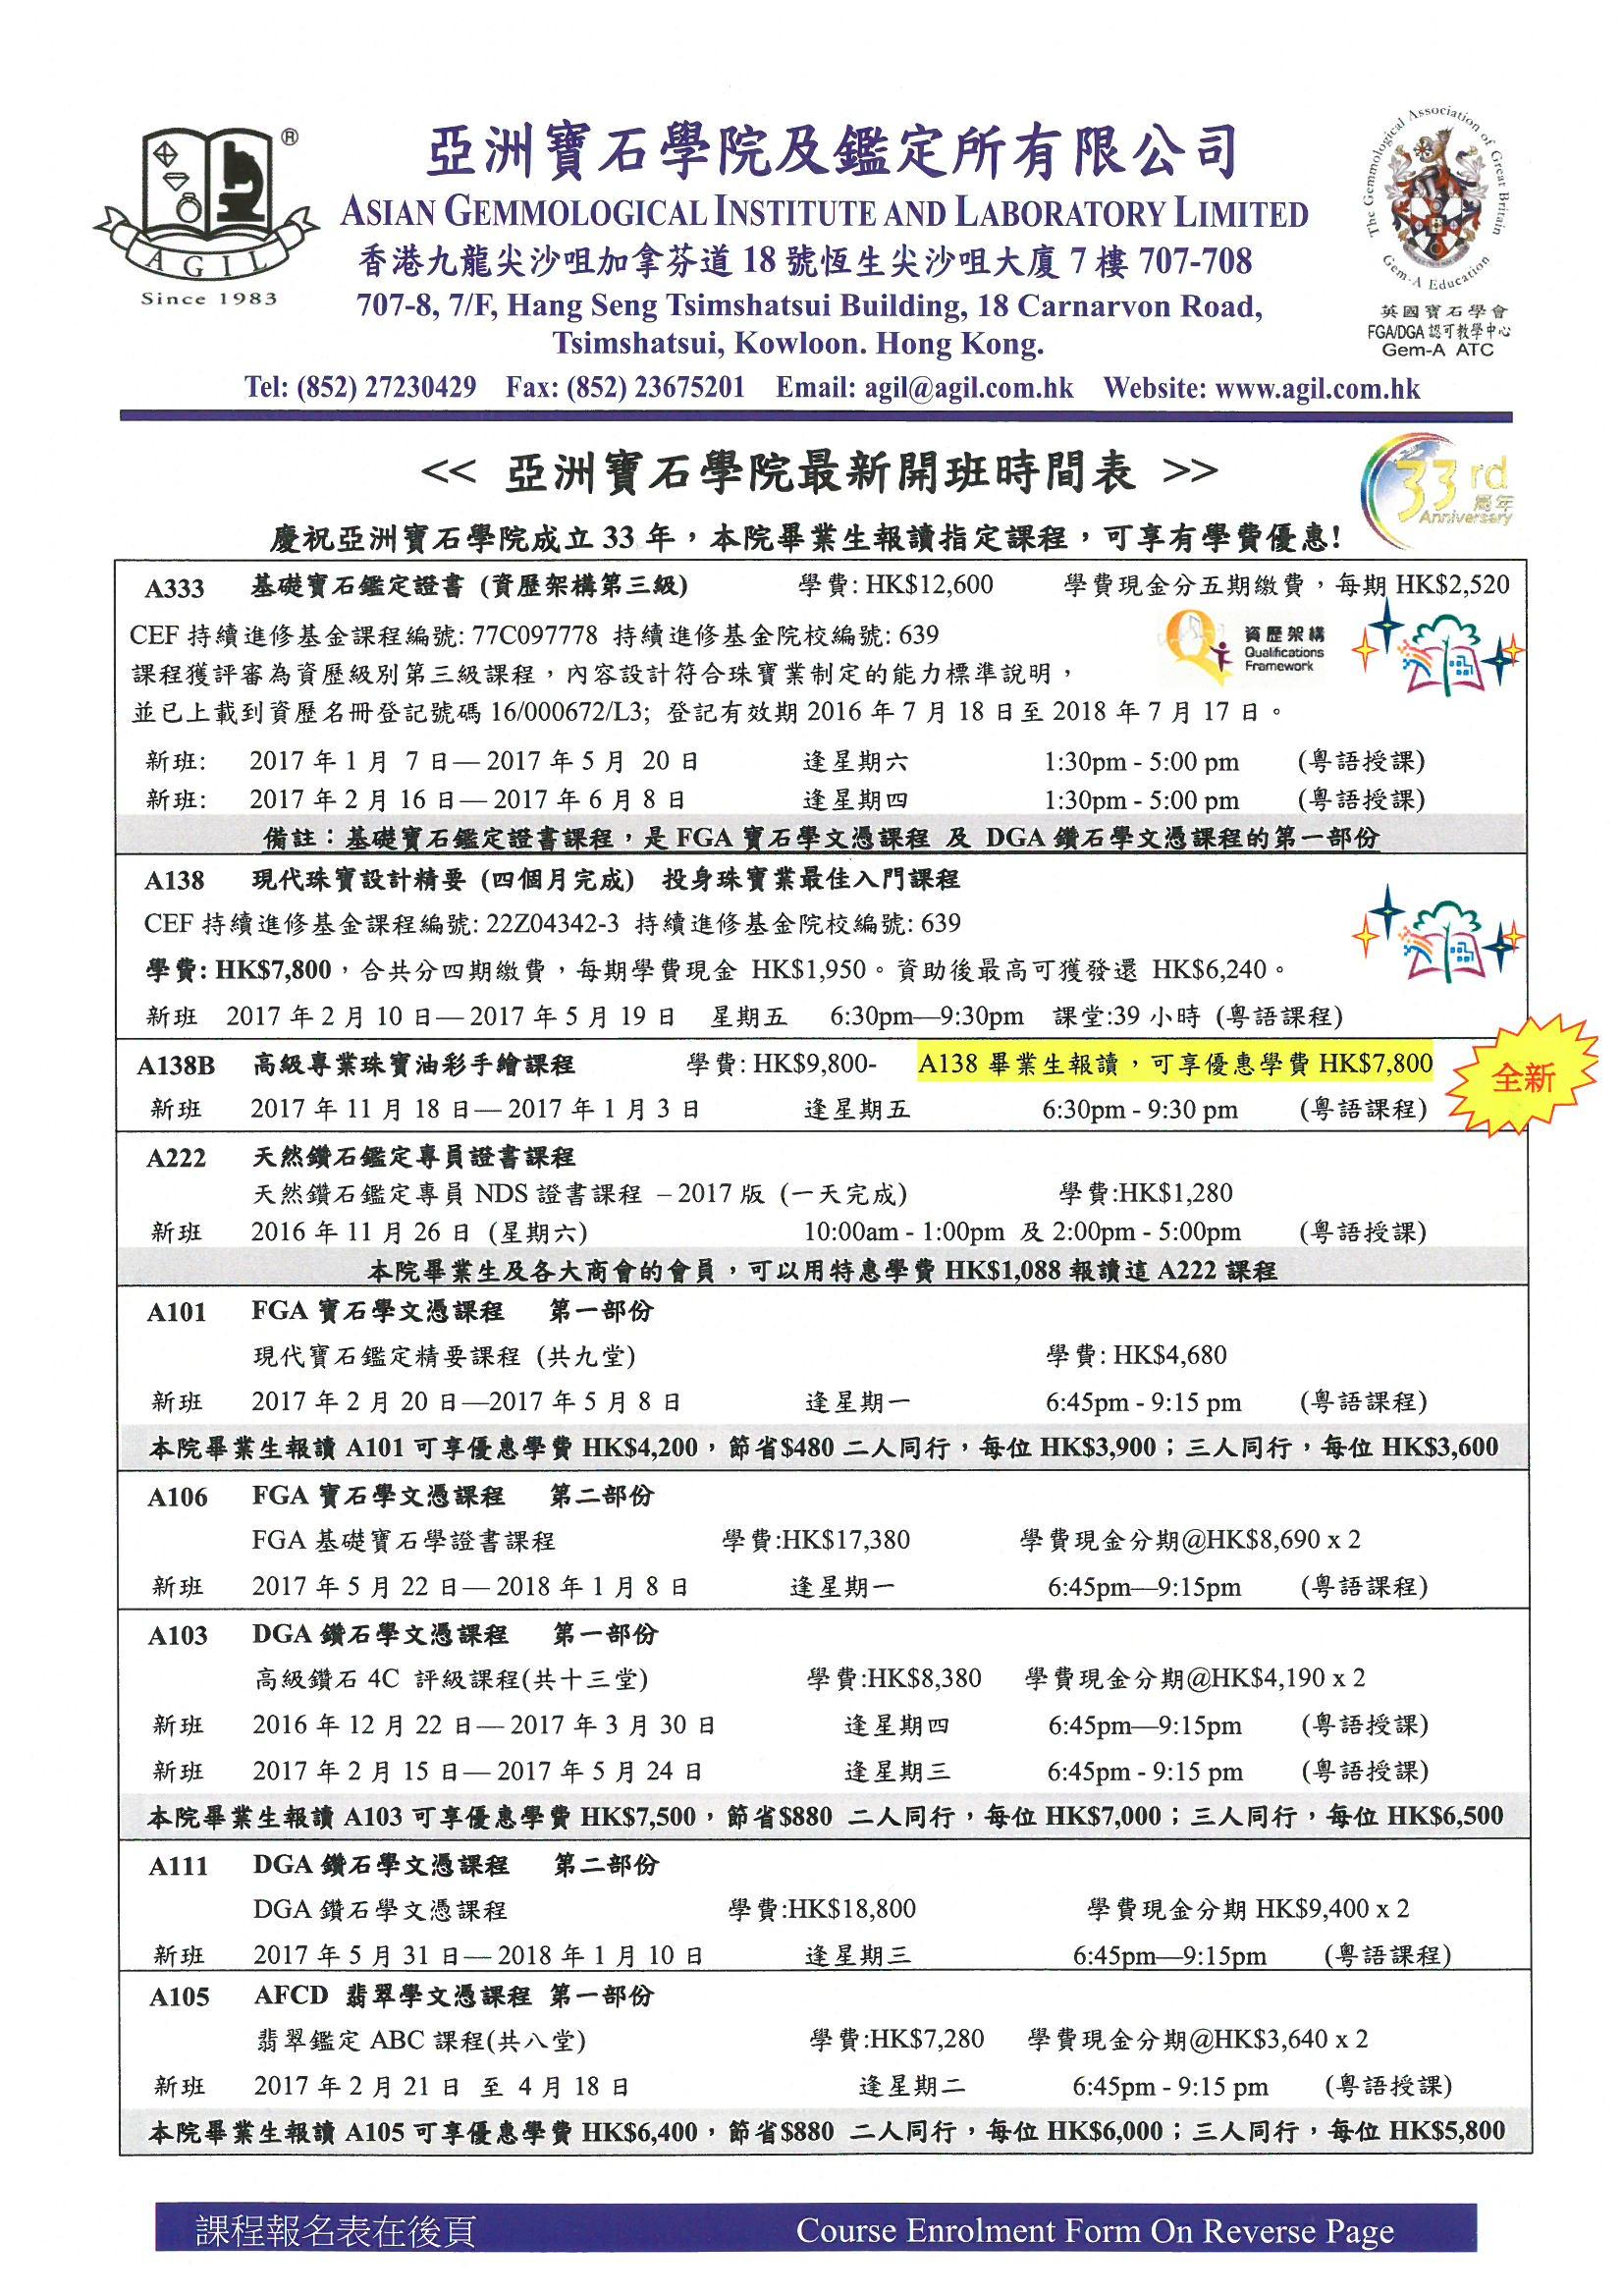 課程介紹   Asian Gemmological Institute and Laboratory Limited